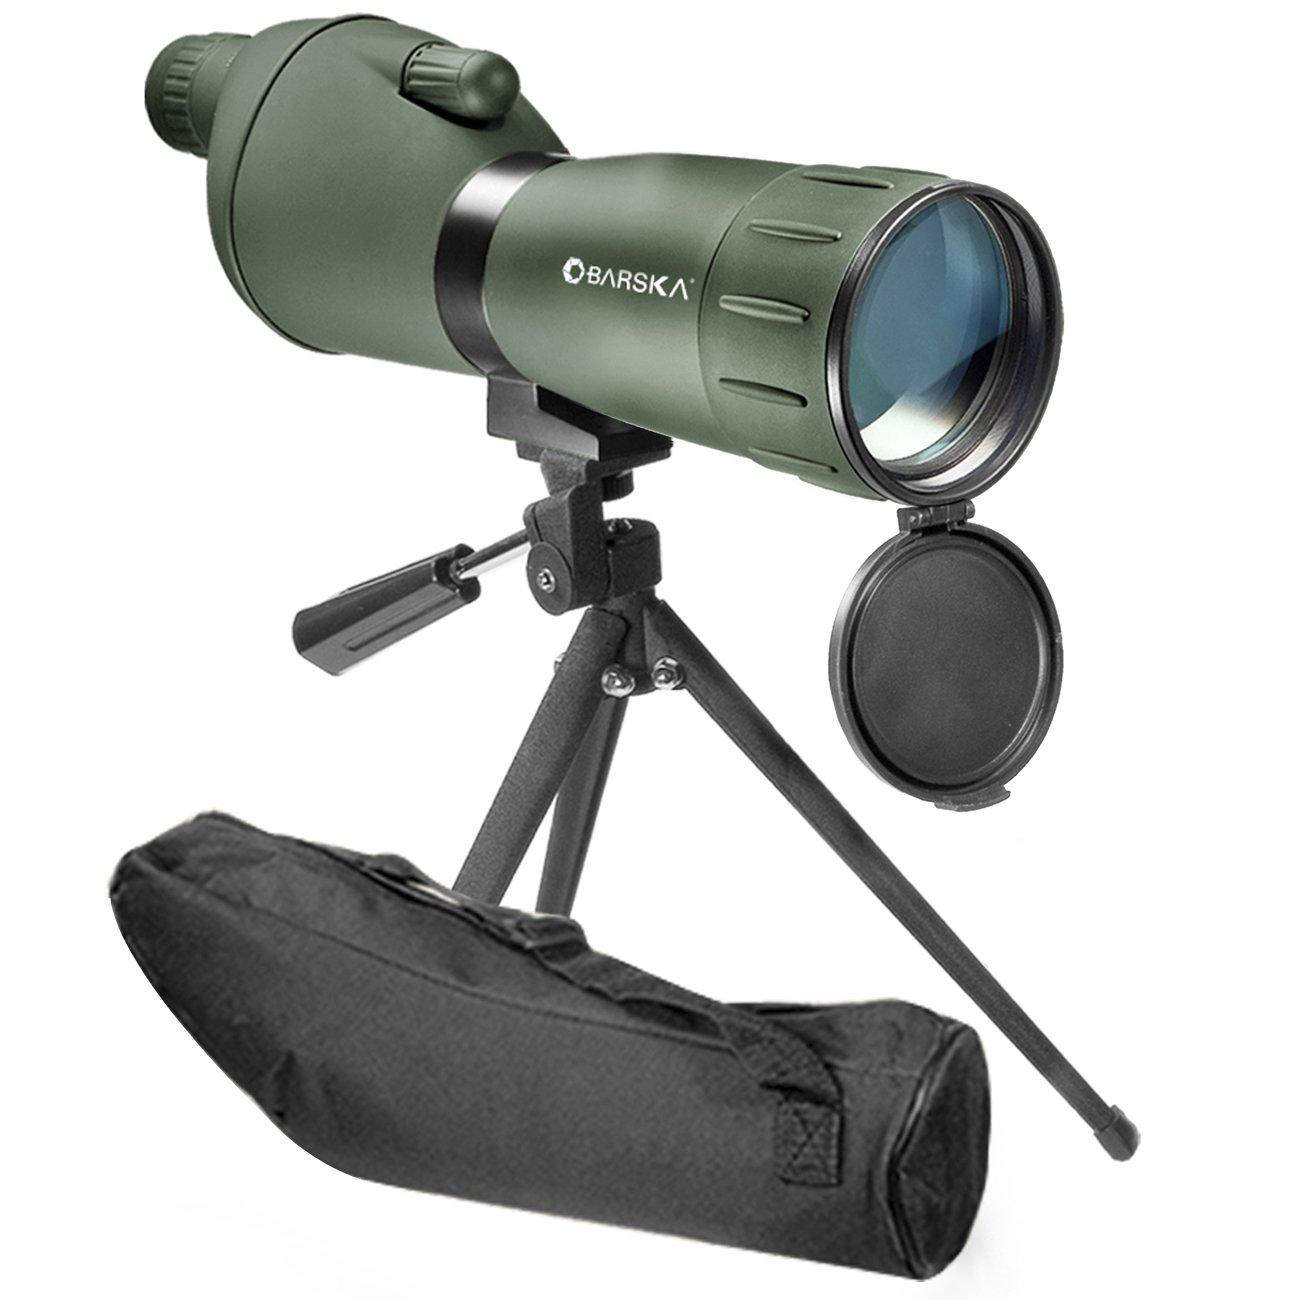 BARSKA 20-60x60 Zoom Colorado Spotting Scope (Green Finish) by BARSKA